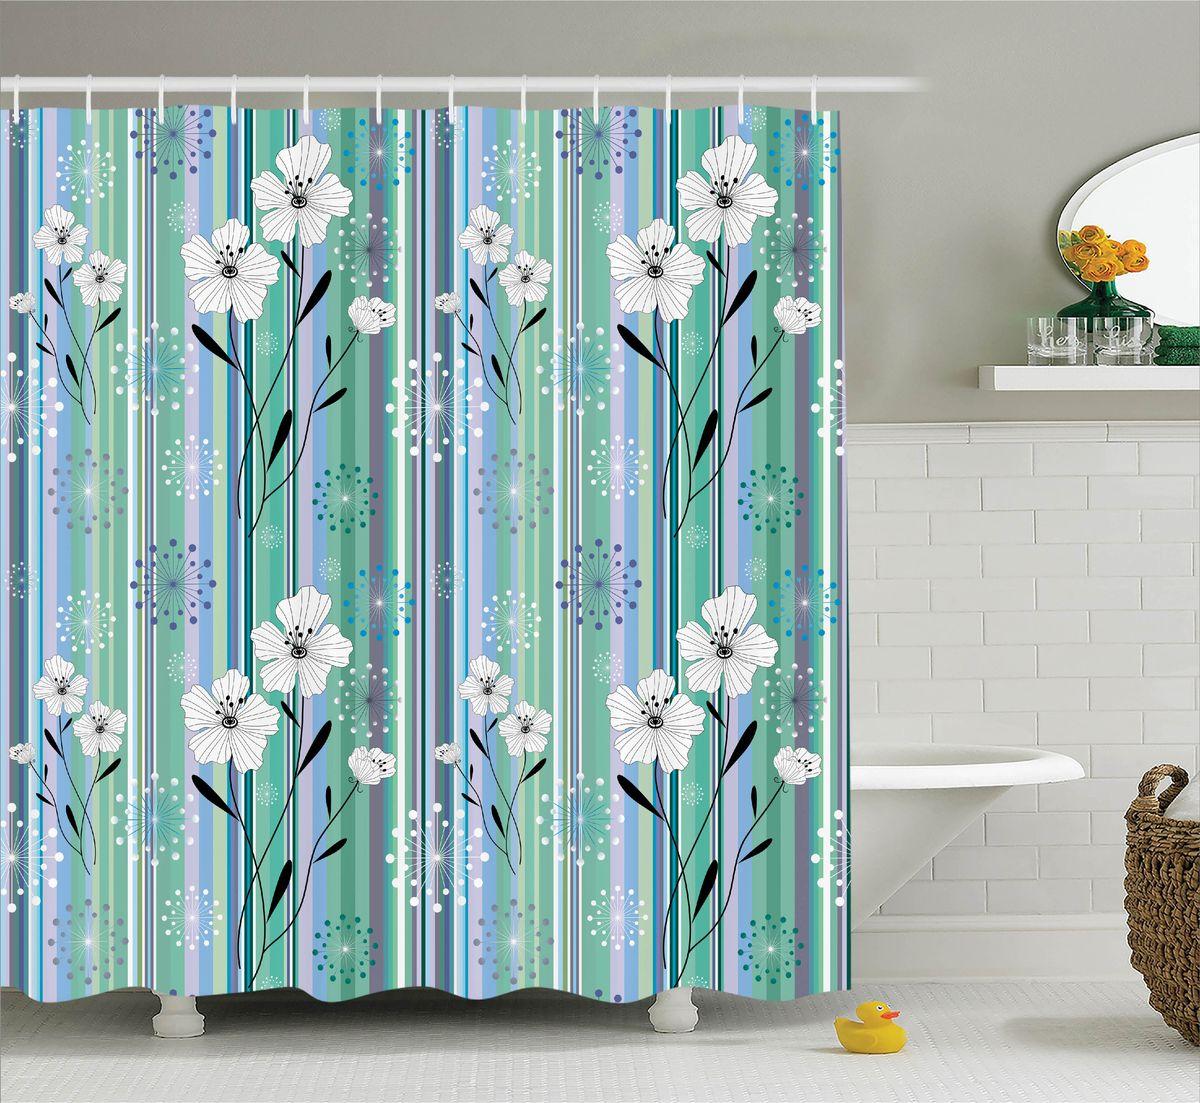 Штора для ванной комнаты Magic Lady Цветы и полоски, 180 х 200 смшв_11388Штора Magic Lady Цветы и полоски, изготовленная из высококачественного сатена (полиэстер 100%), отлично дополнит любой интерьер ванной комнаты. При изготовлении используются специальные гипоаллергенные чернила для прямой печати по ткани, безопасные для человека. В комплекте: 1 штора, 12 крючков. Обращаем ваше внимание, фактический цвет изделия может незначительно отличаться от представленного на фото.